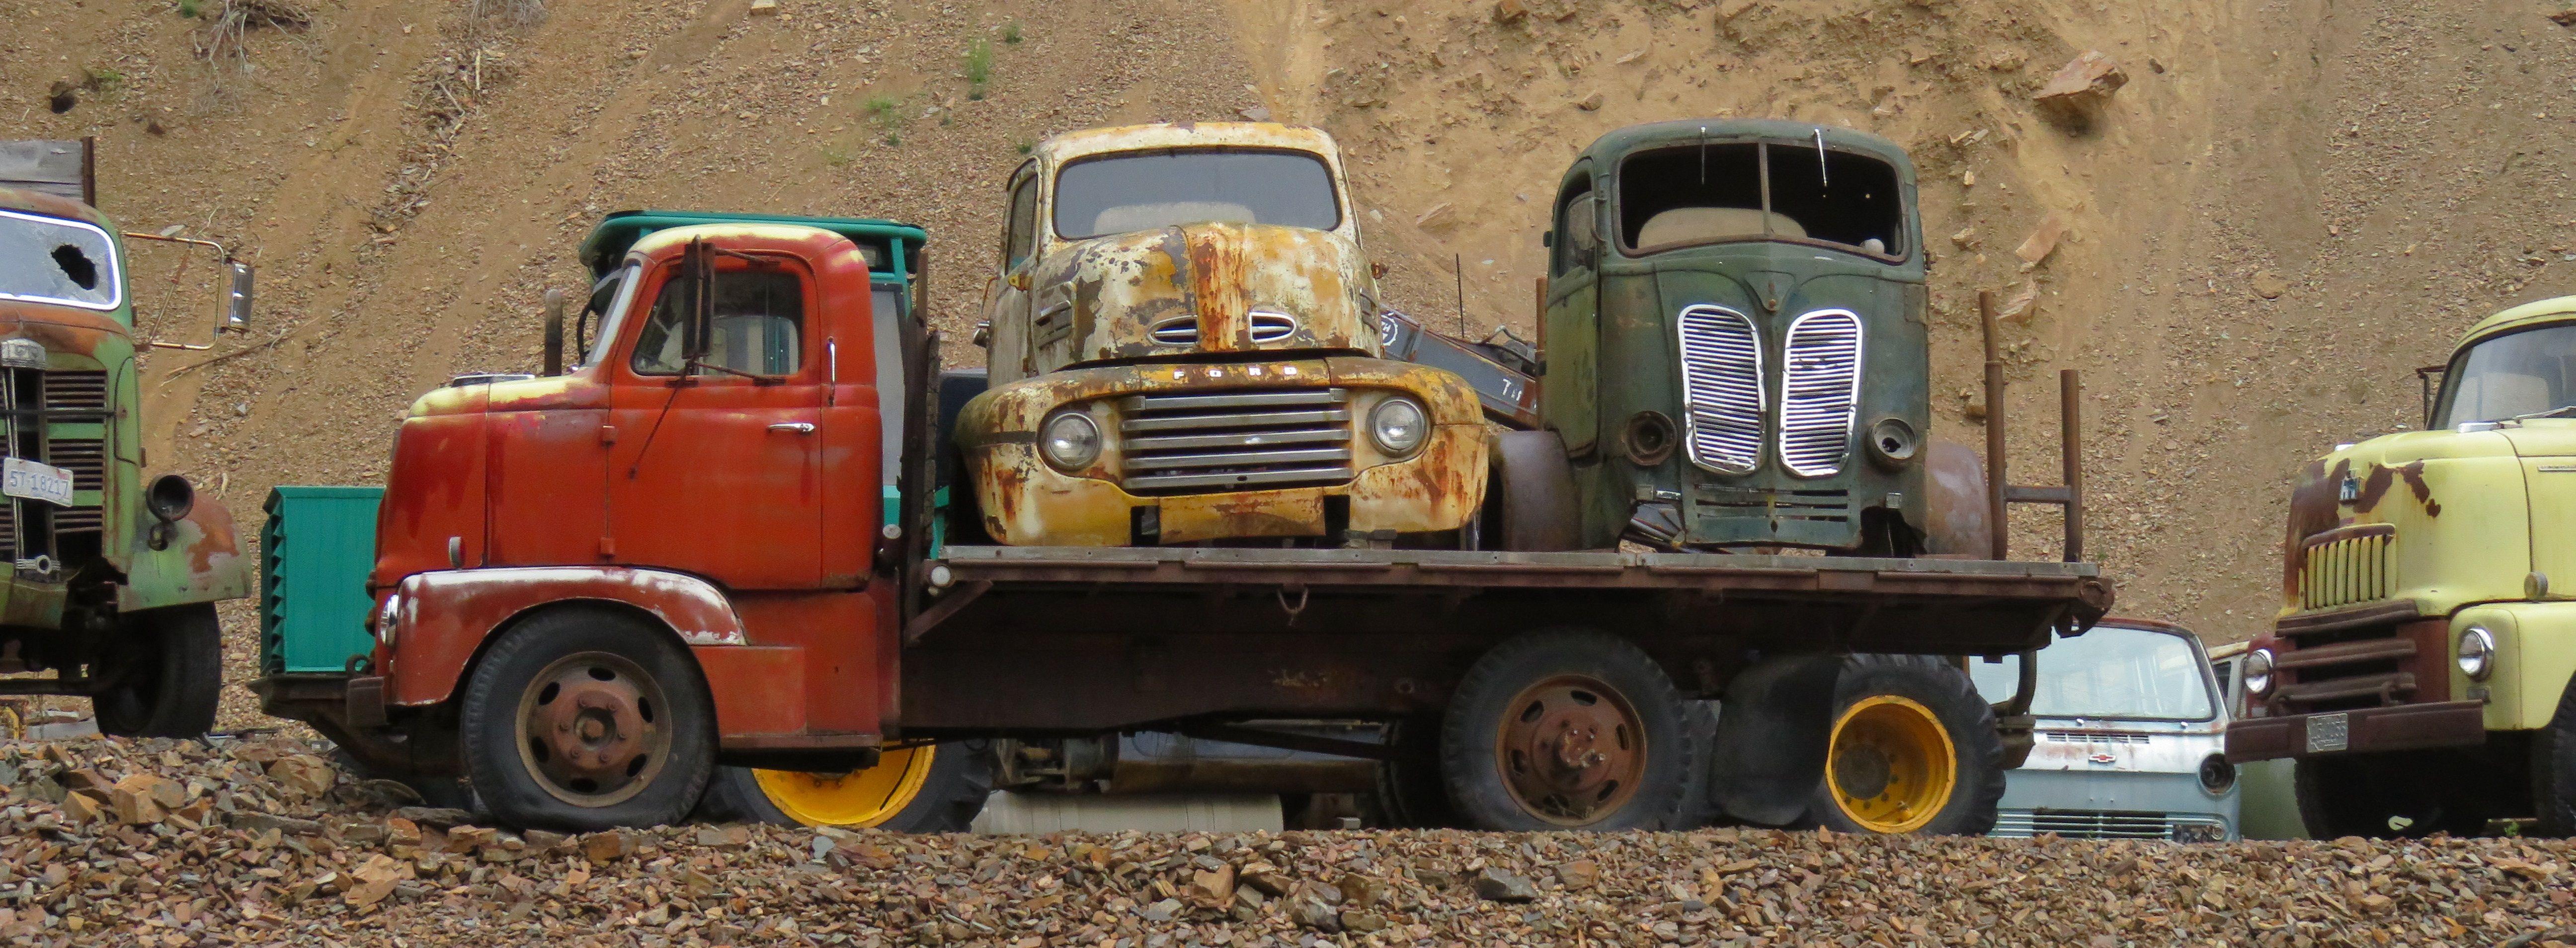 Pin By John Dahlin On Rusting Gold Vehicles Rusty Trucks